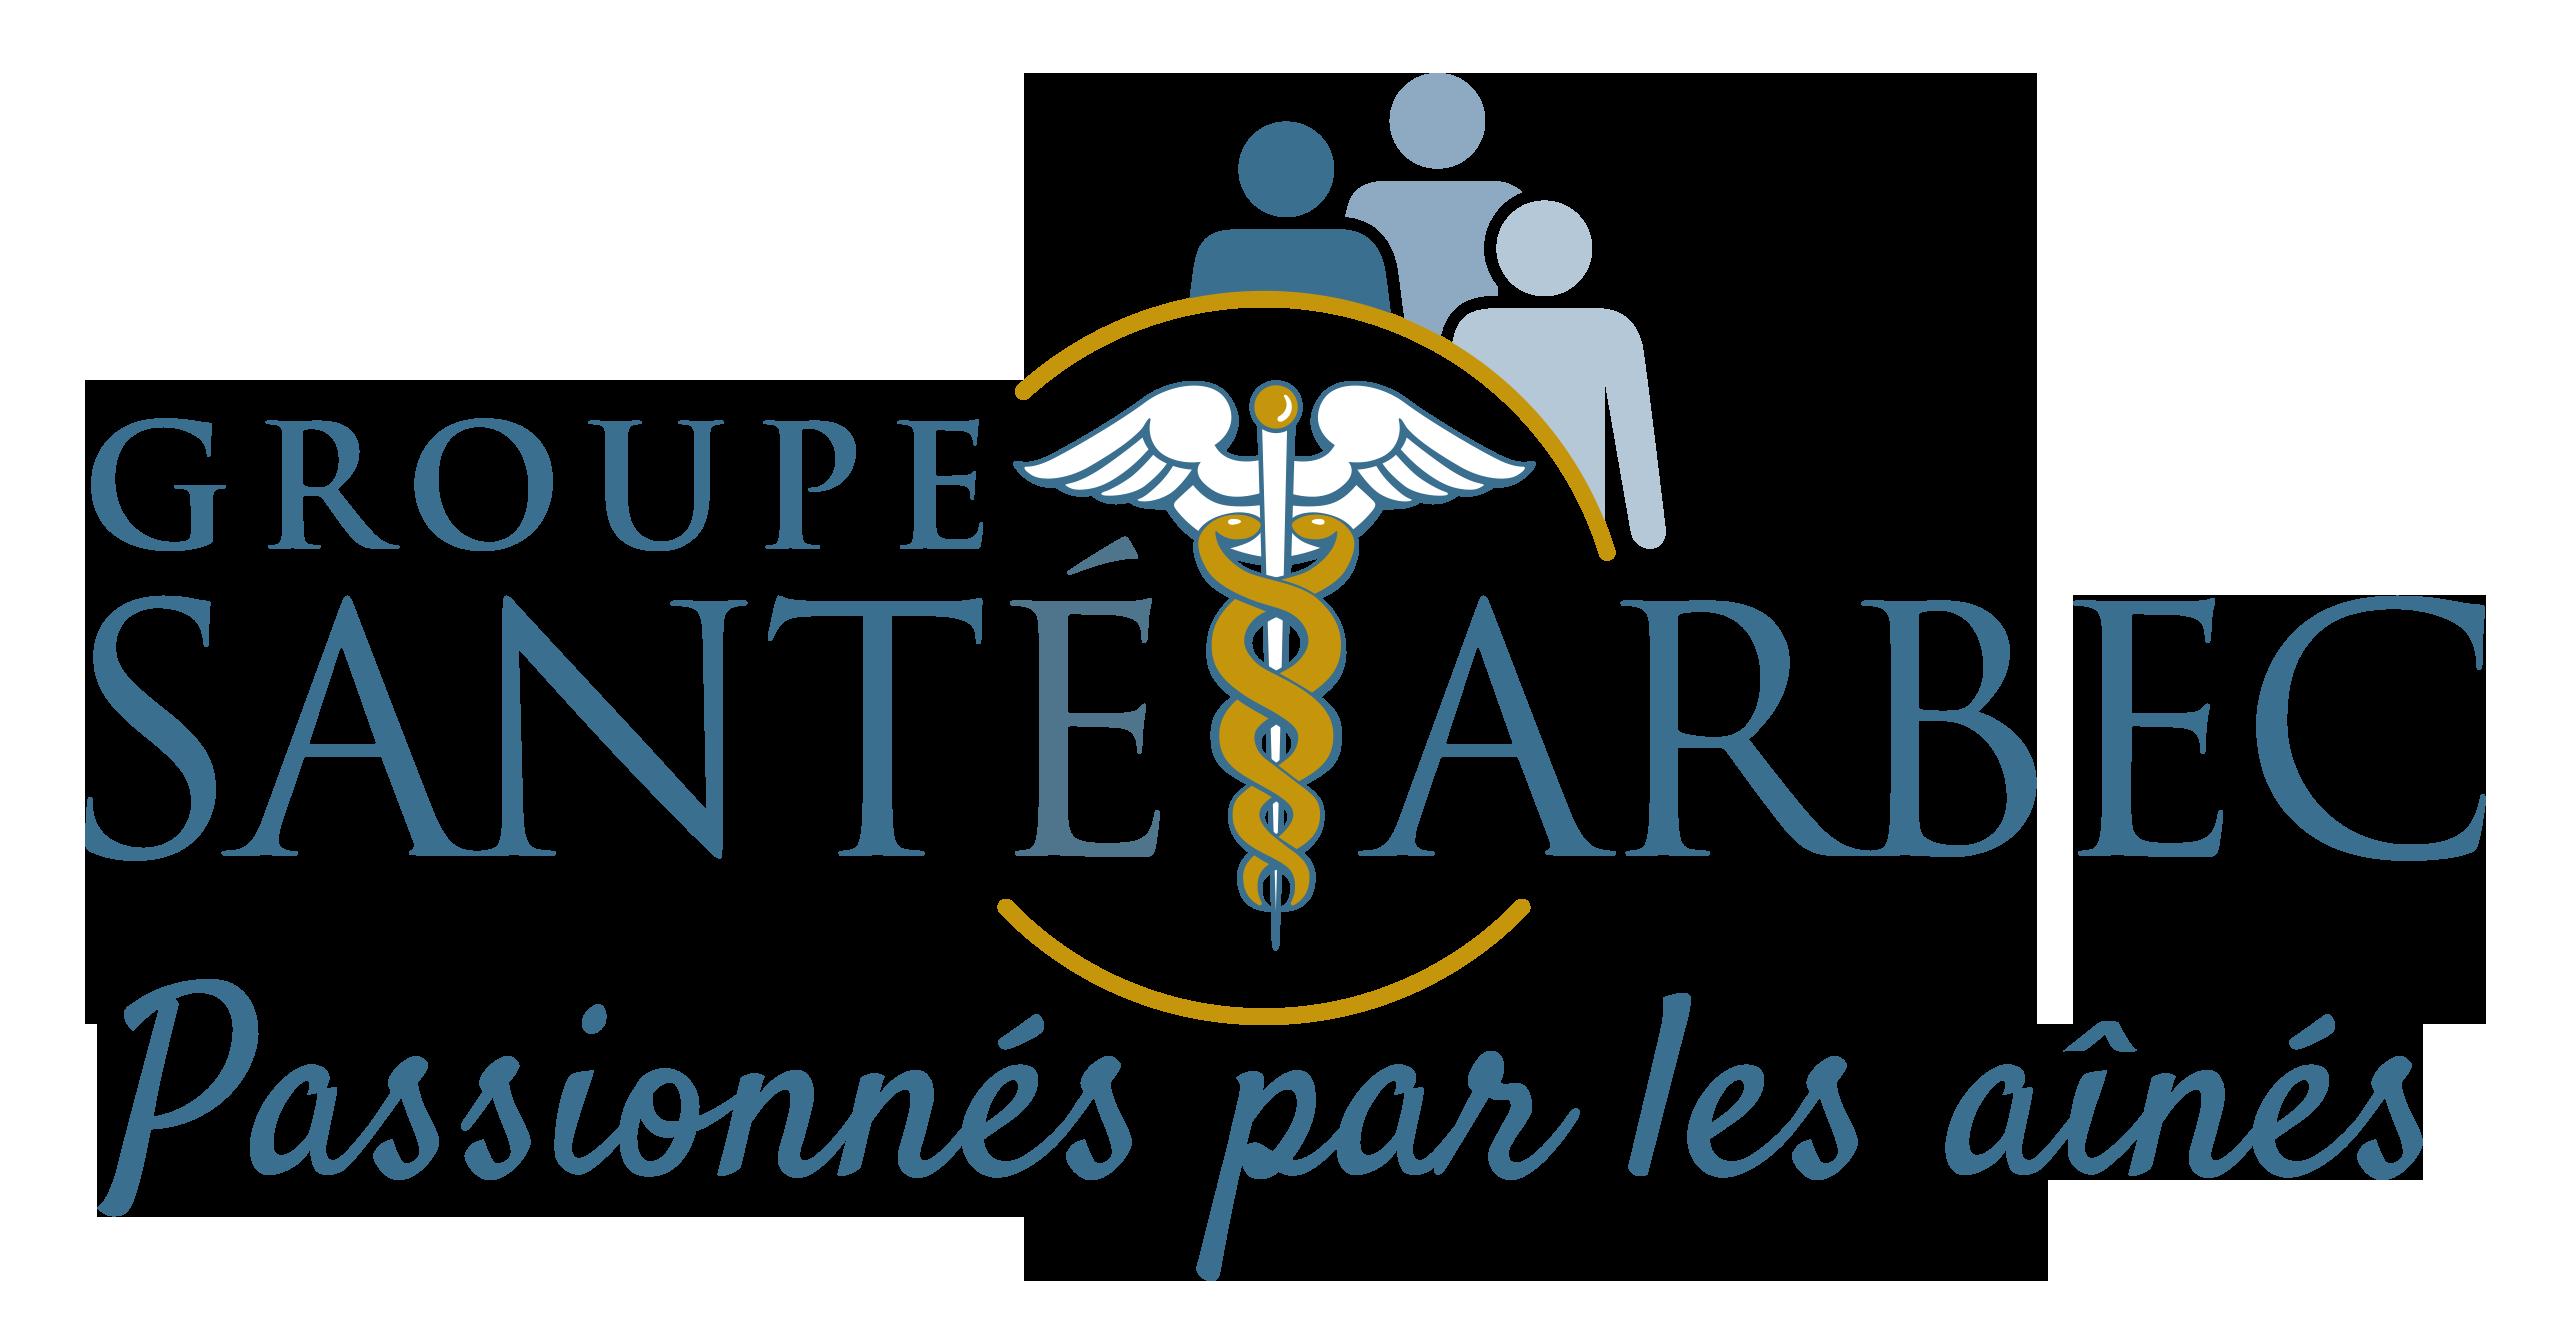 Groupe Santé Arbec (Sainte-Adèle)